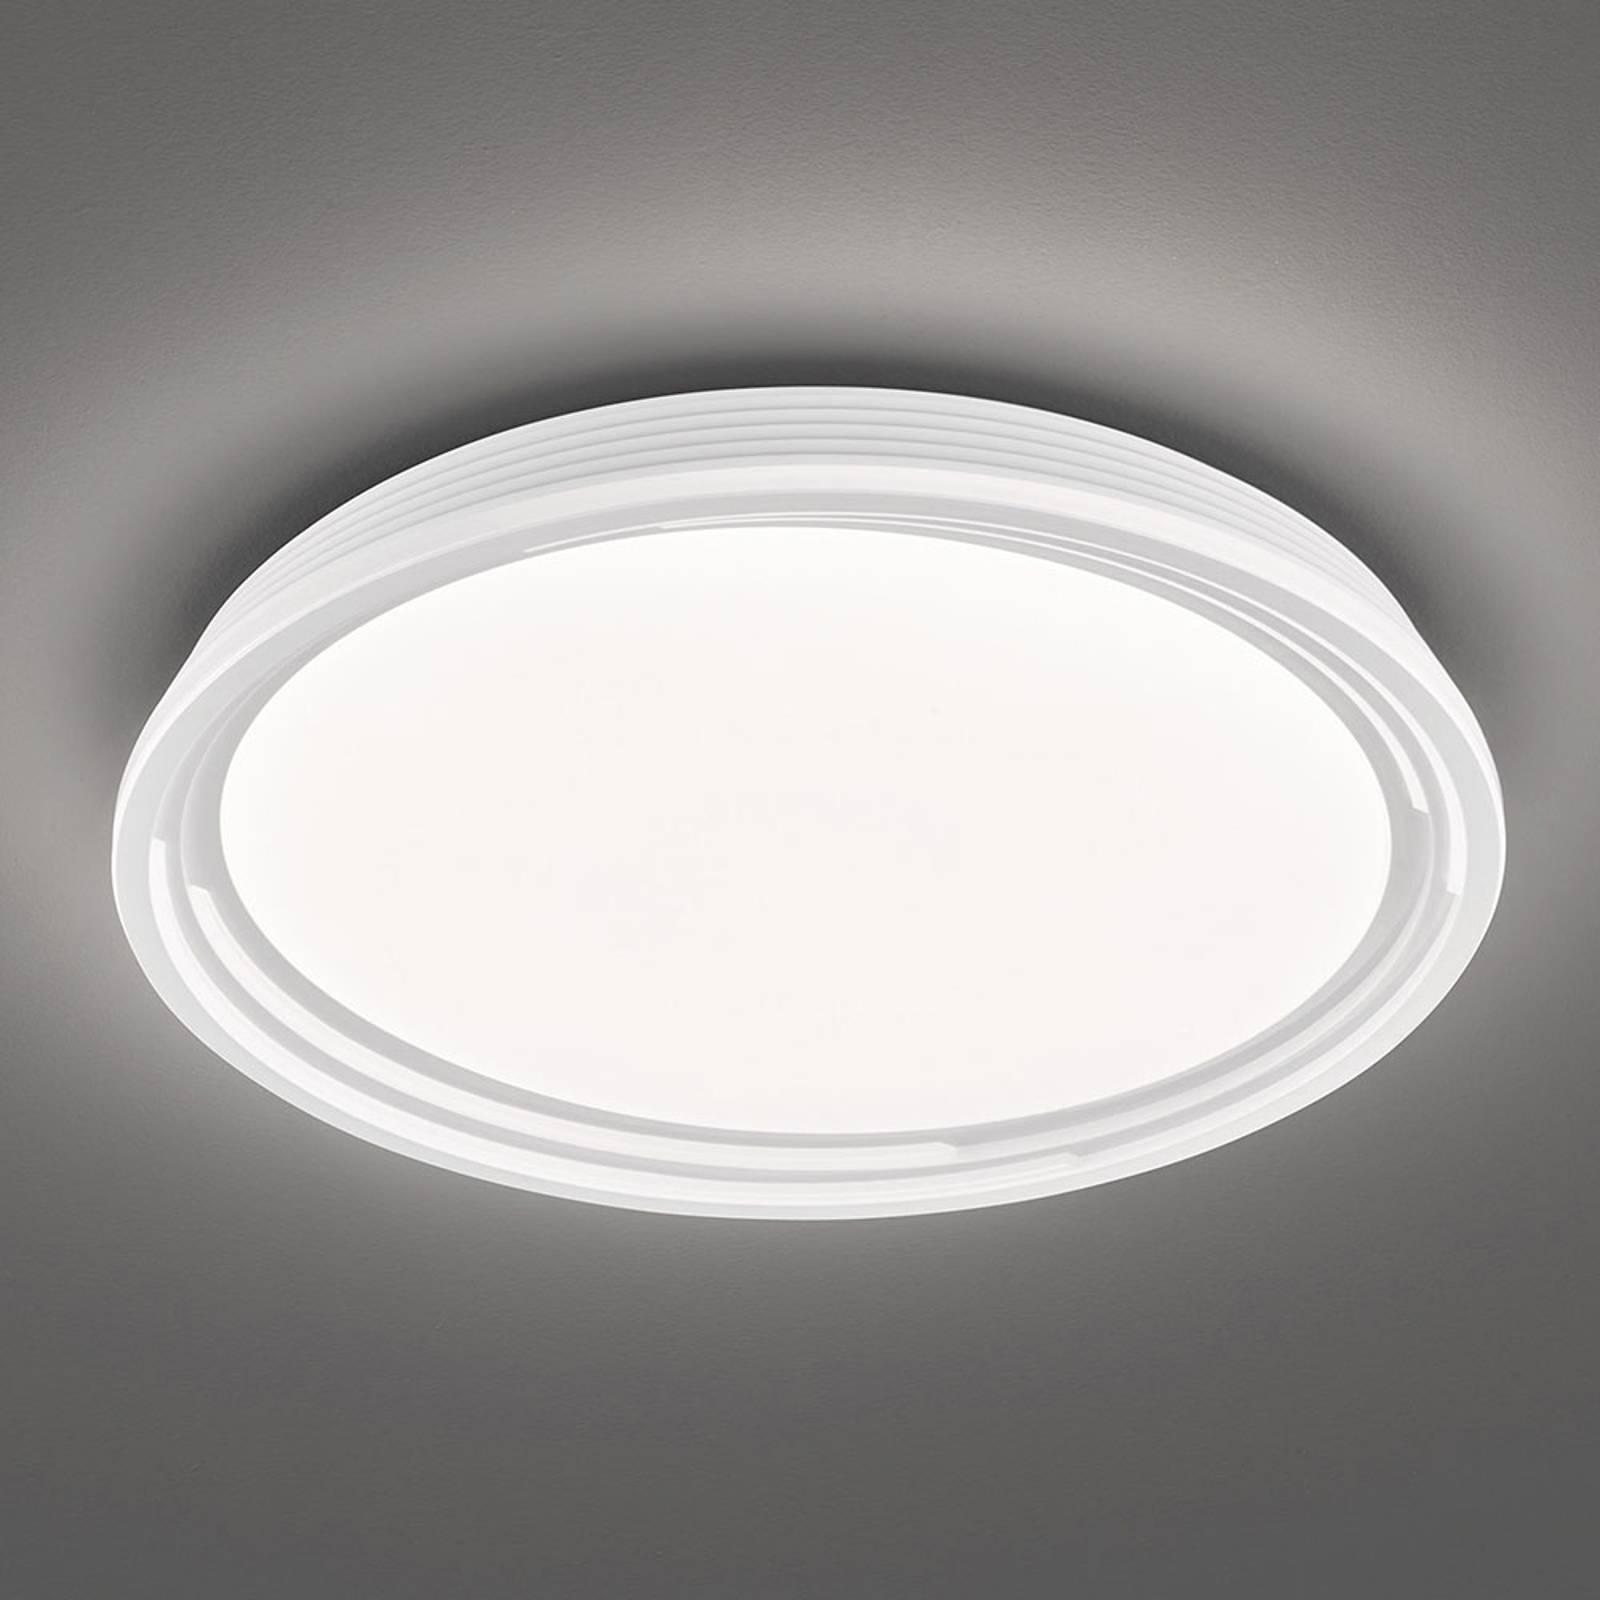 LED-kattovalaisin Dua, himmennettävä, Ø 52 cm